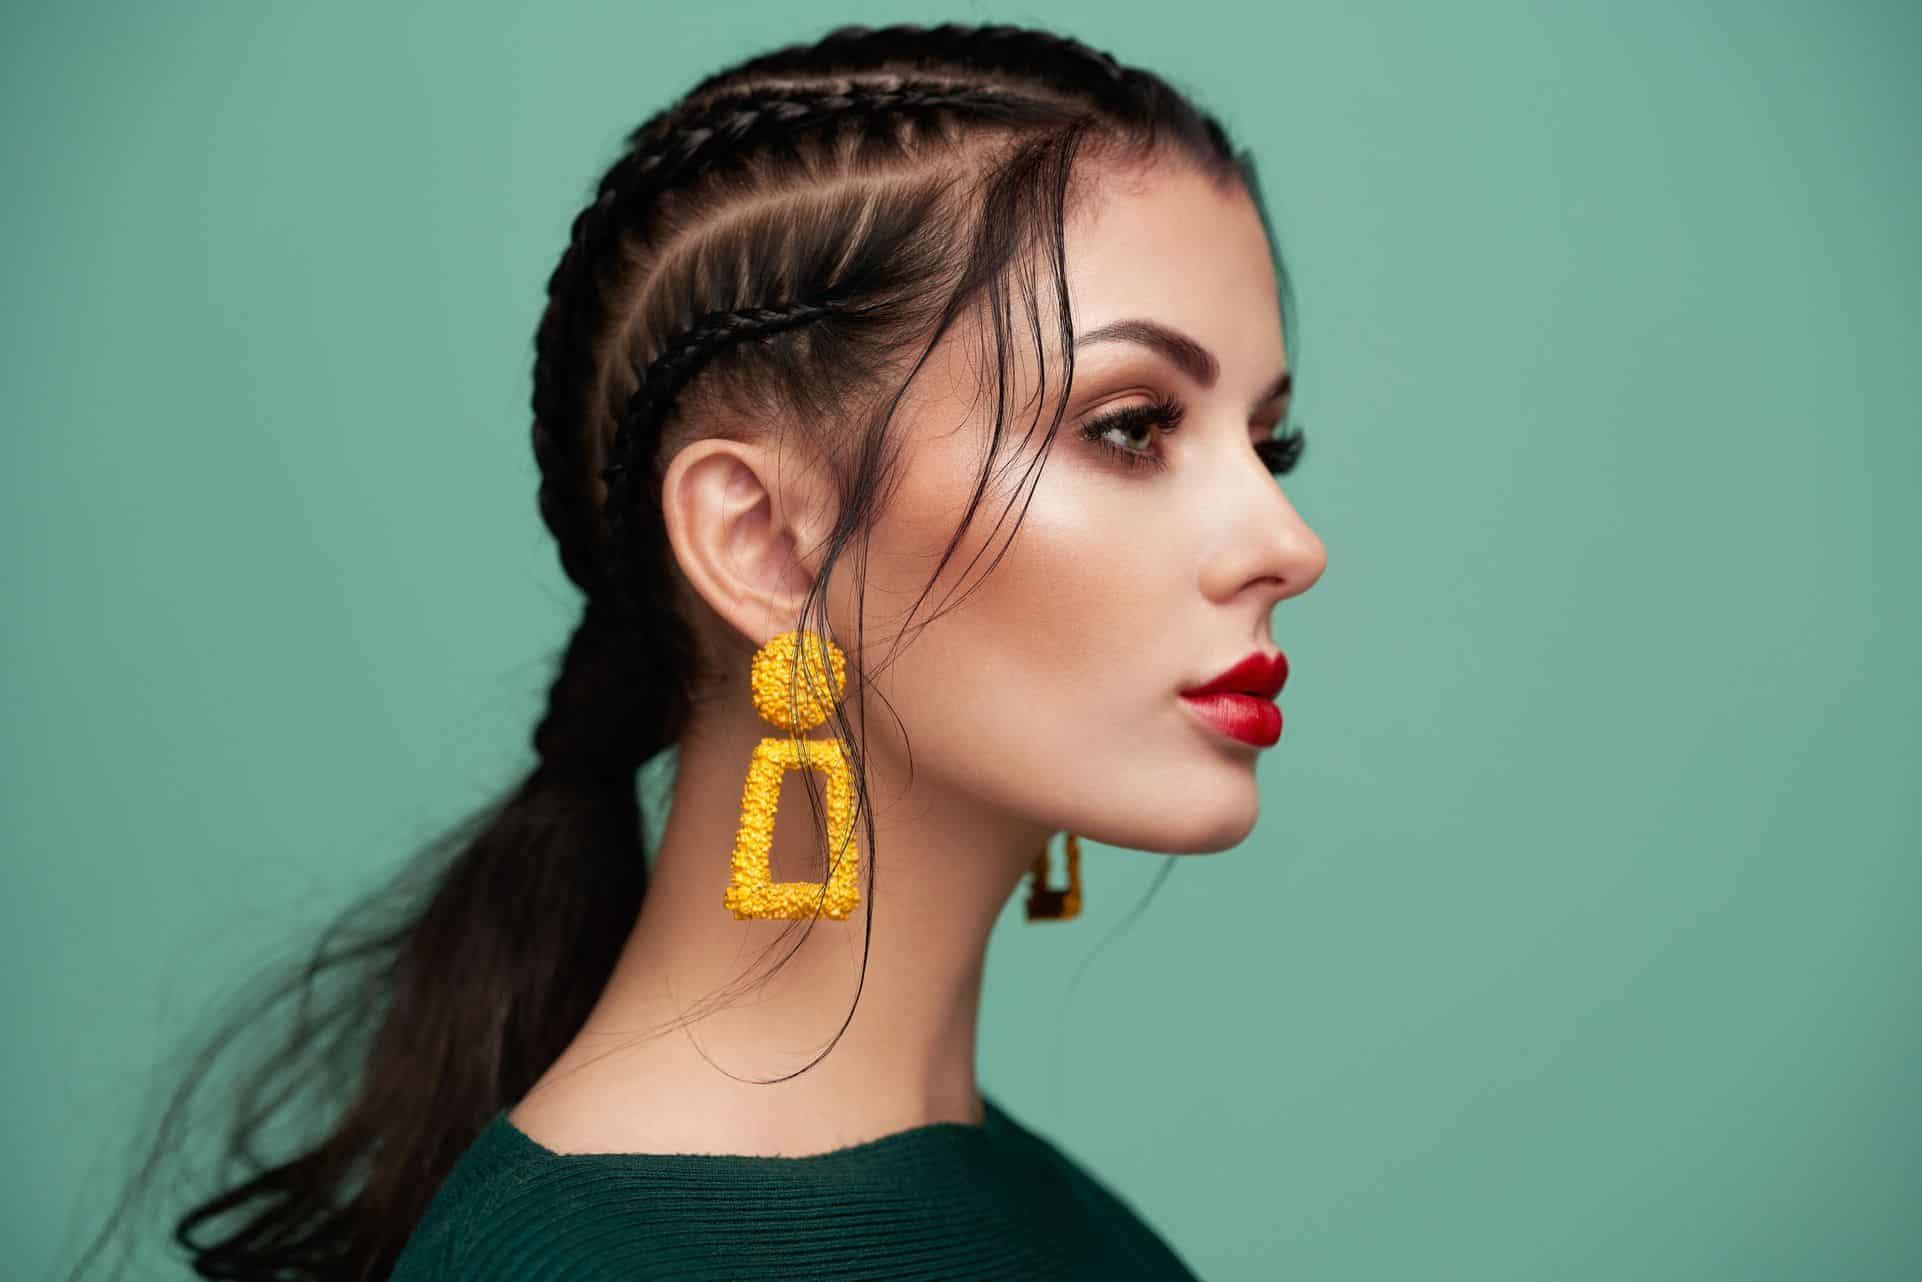 Des boucles d'oreilles élégantes et colorées pour une coiffure avec des tresses.